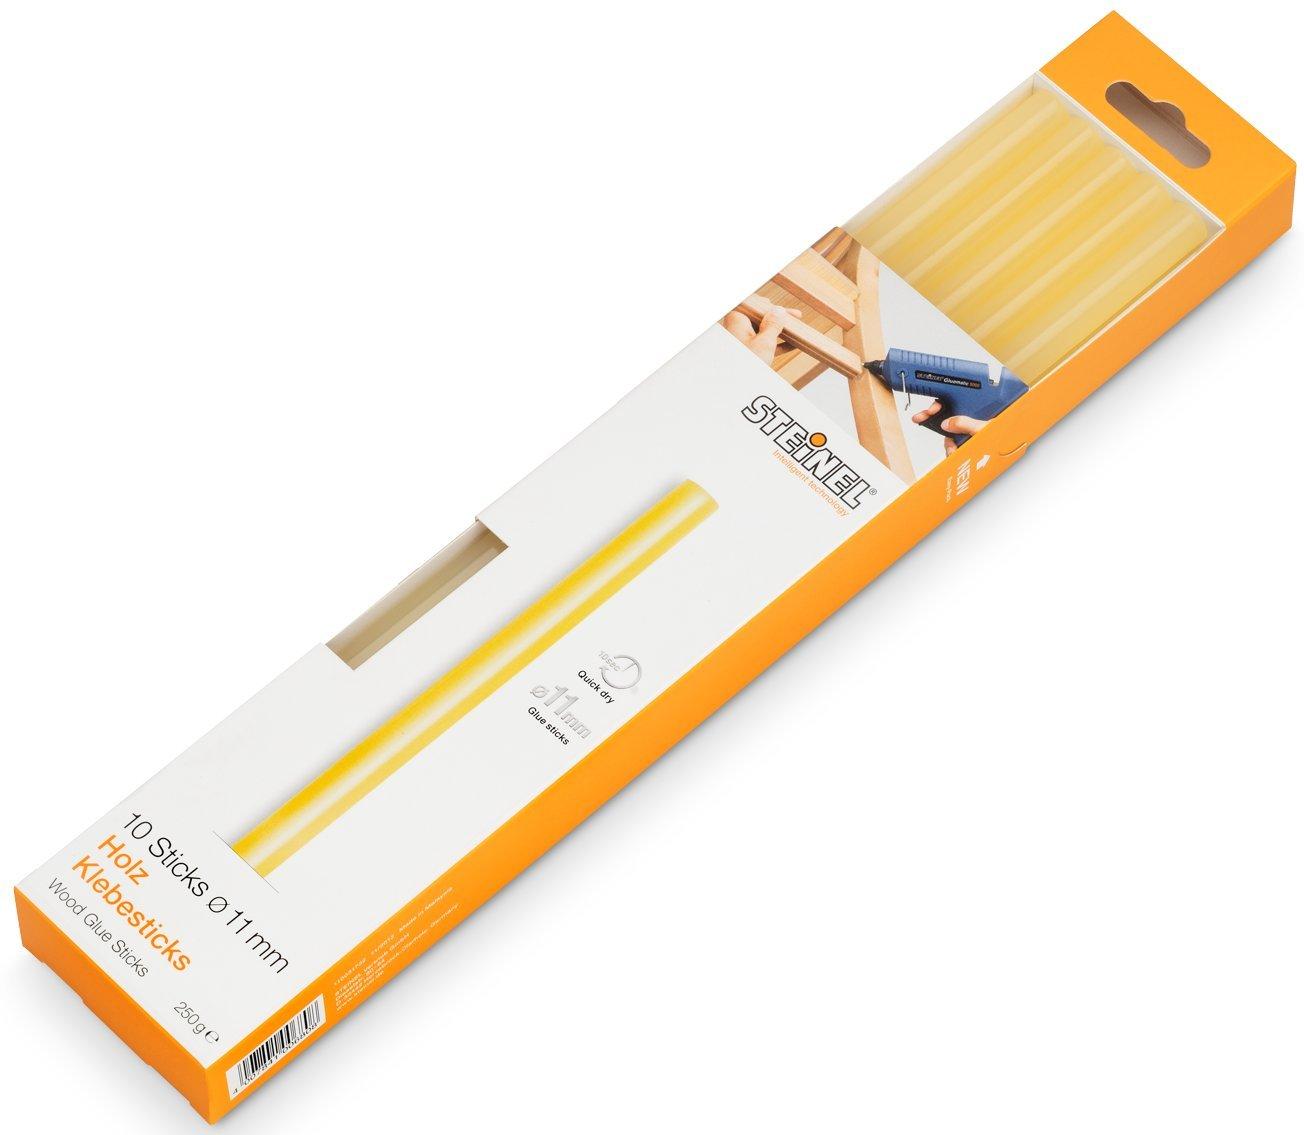 Steinel 006778 Stick di Colla per Legno, con Diametro 11 mm, Confezione da 250 G